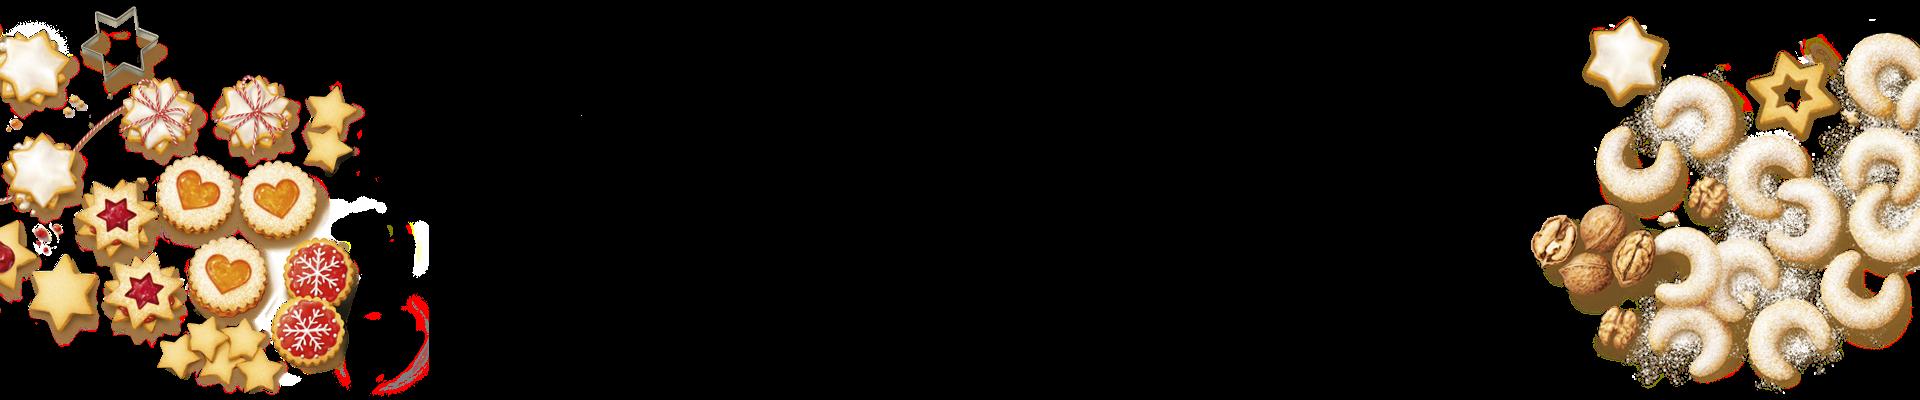 Keksteige